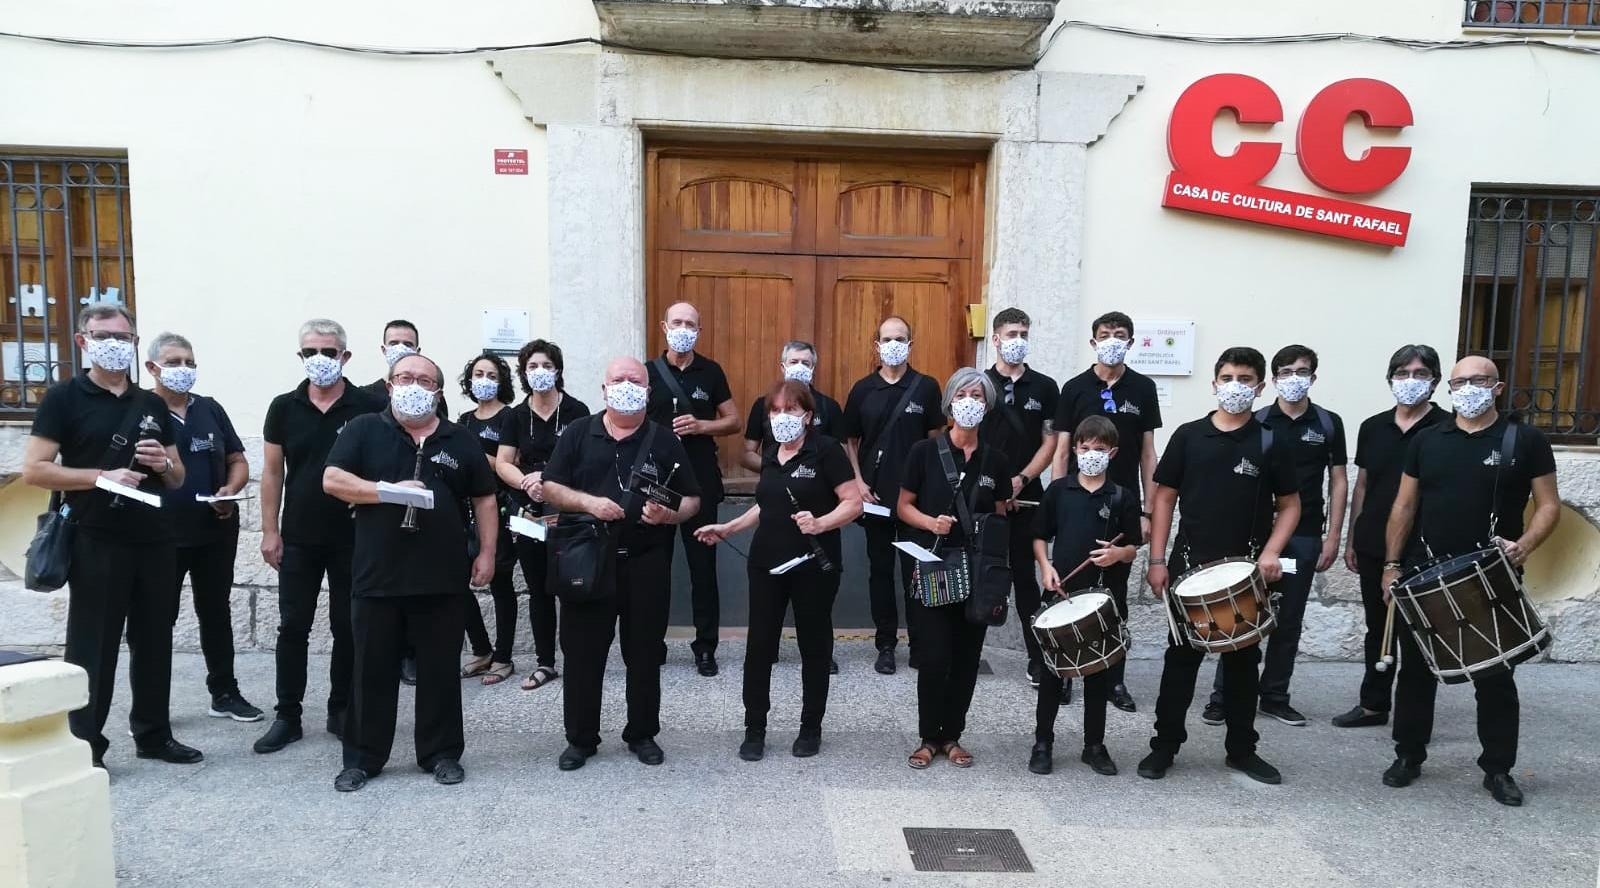 Les dolçaines i els tabals tornen a sonar pels carrers d'Ontinyent El Periòdic d'Ontinyent